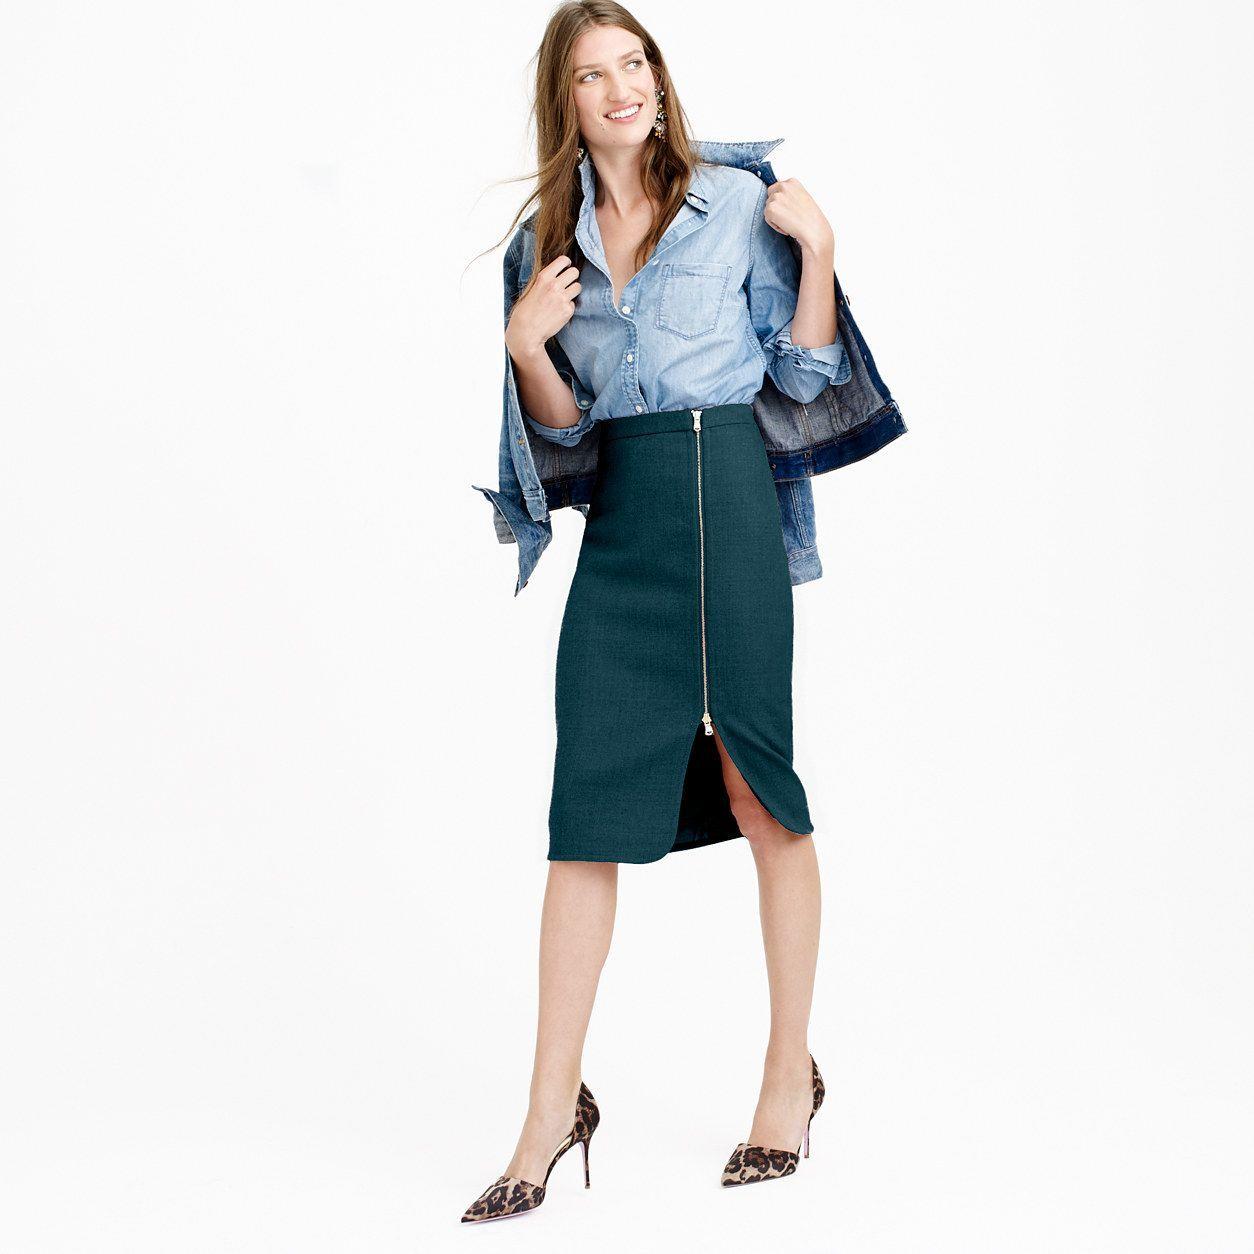 bc1973b5e6 Wool zip pencil skirt : pencil   J.Crew   Stitch fix   Pencil skirt ...